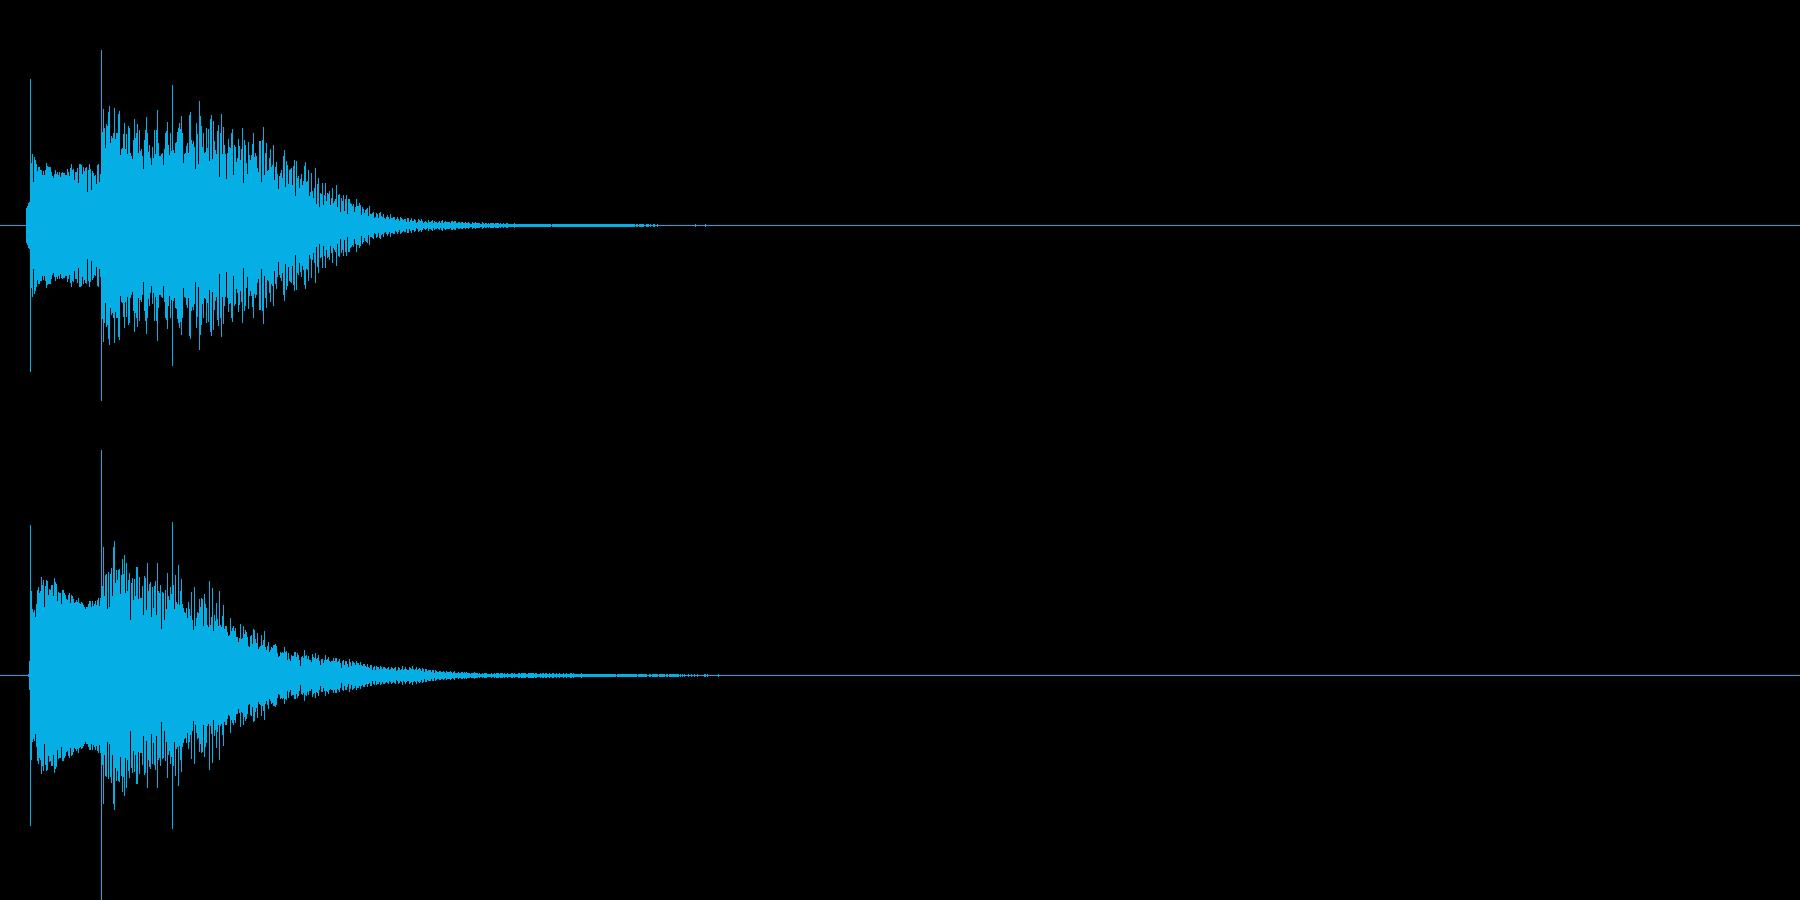 アラーム音01 グロッケン(sus4)の再生済みの波形